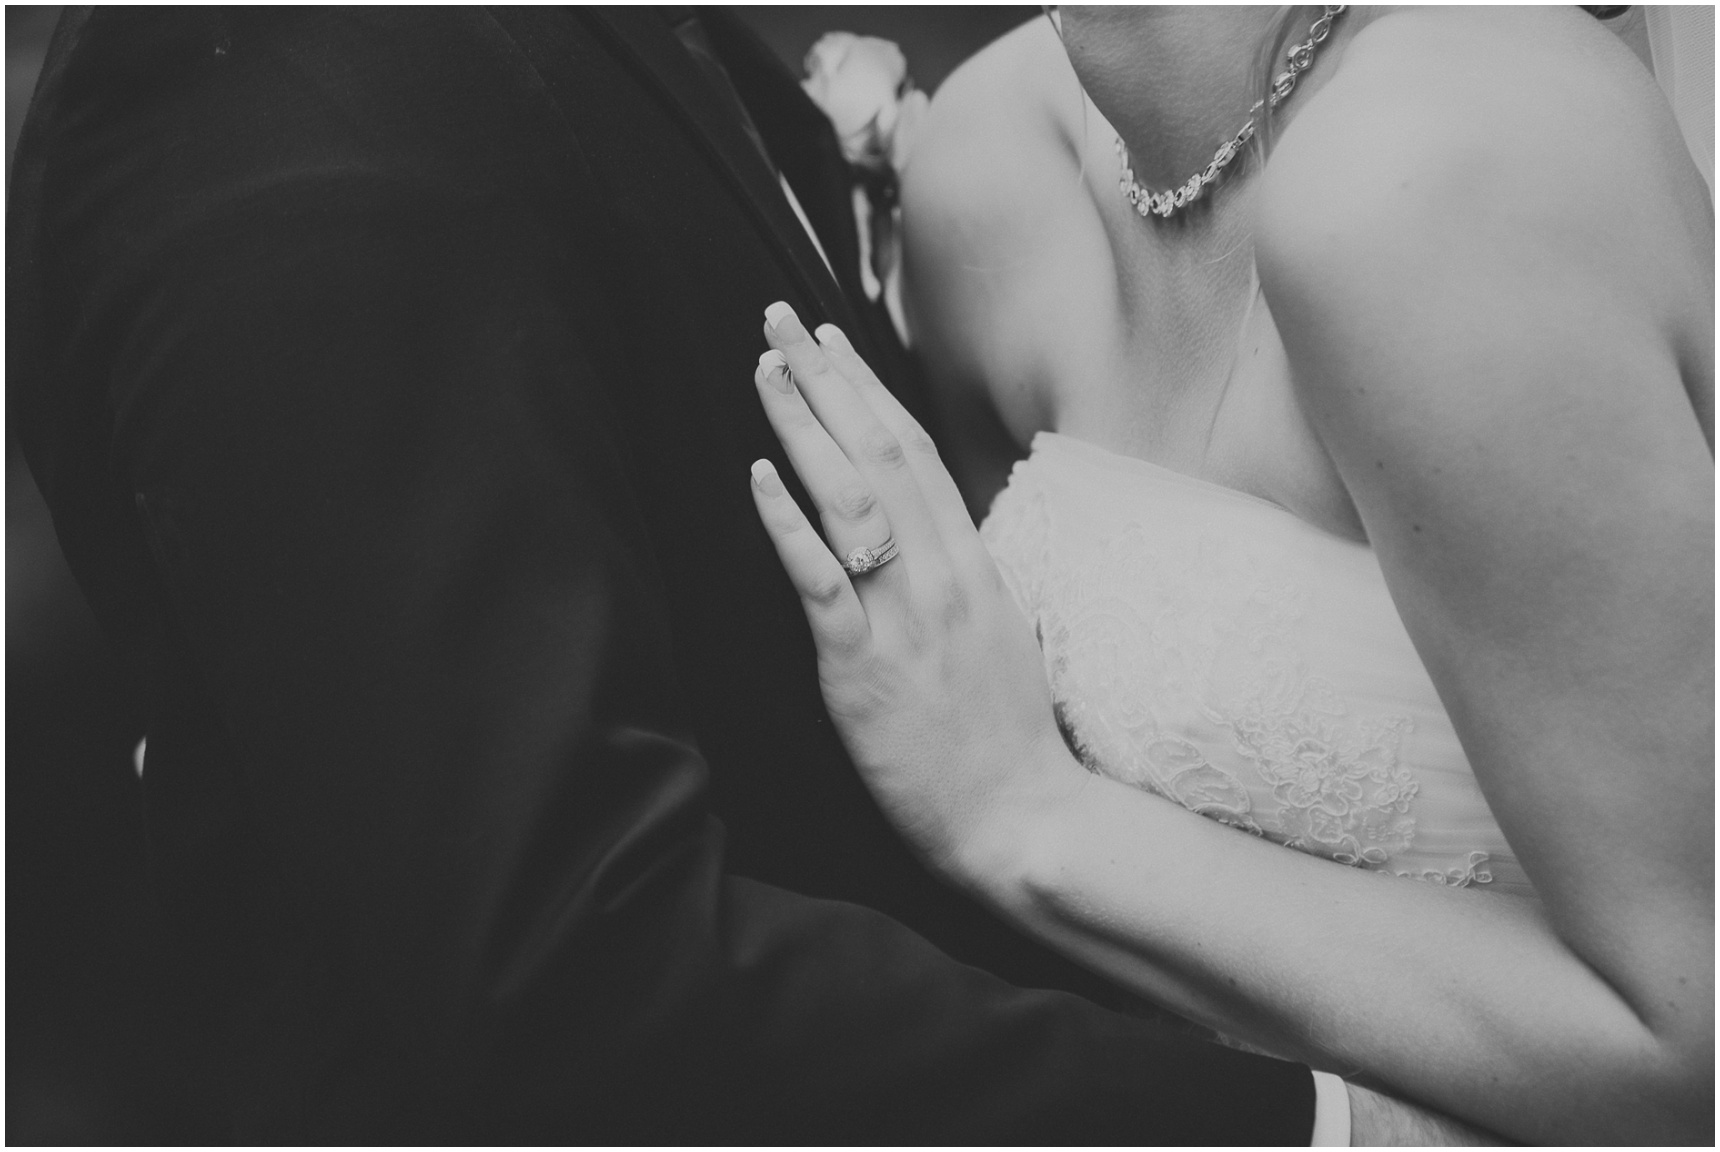 Buffalo-Avanti-Wedding-Photographer_040.jpg